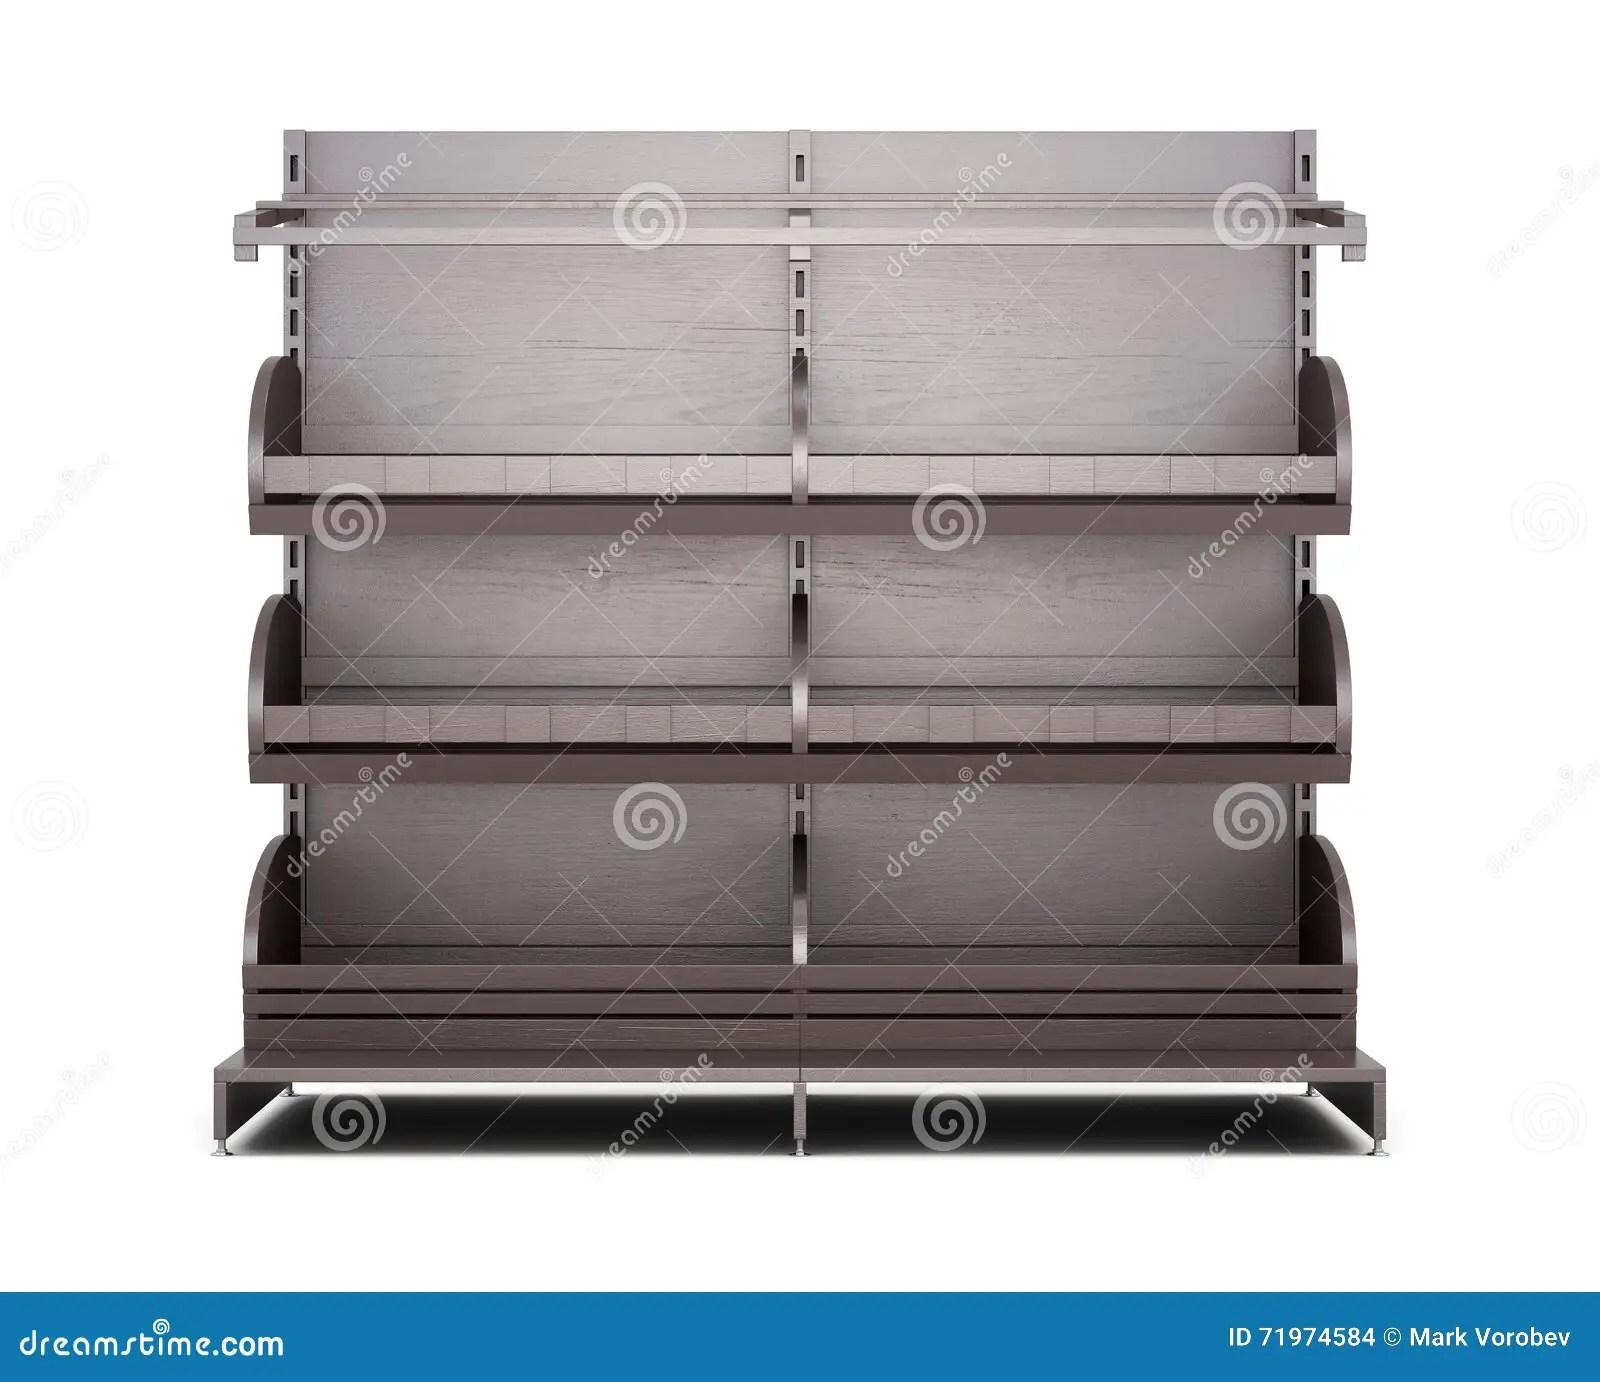 support de brown pour la vue de face de produits de boulangerie sur le fond blanc